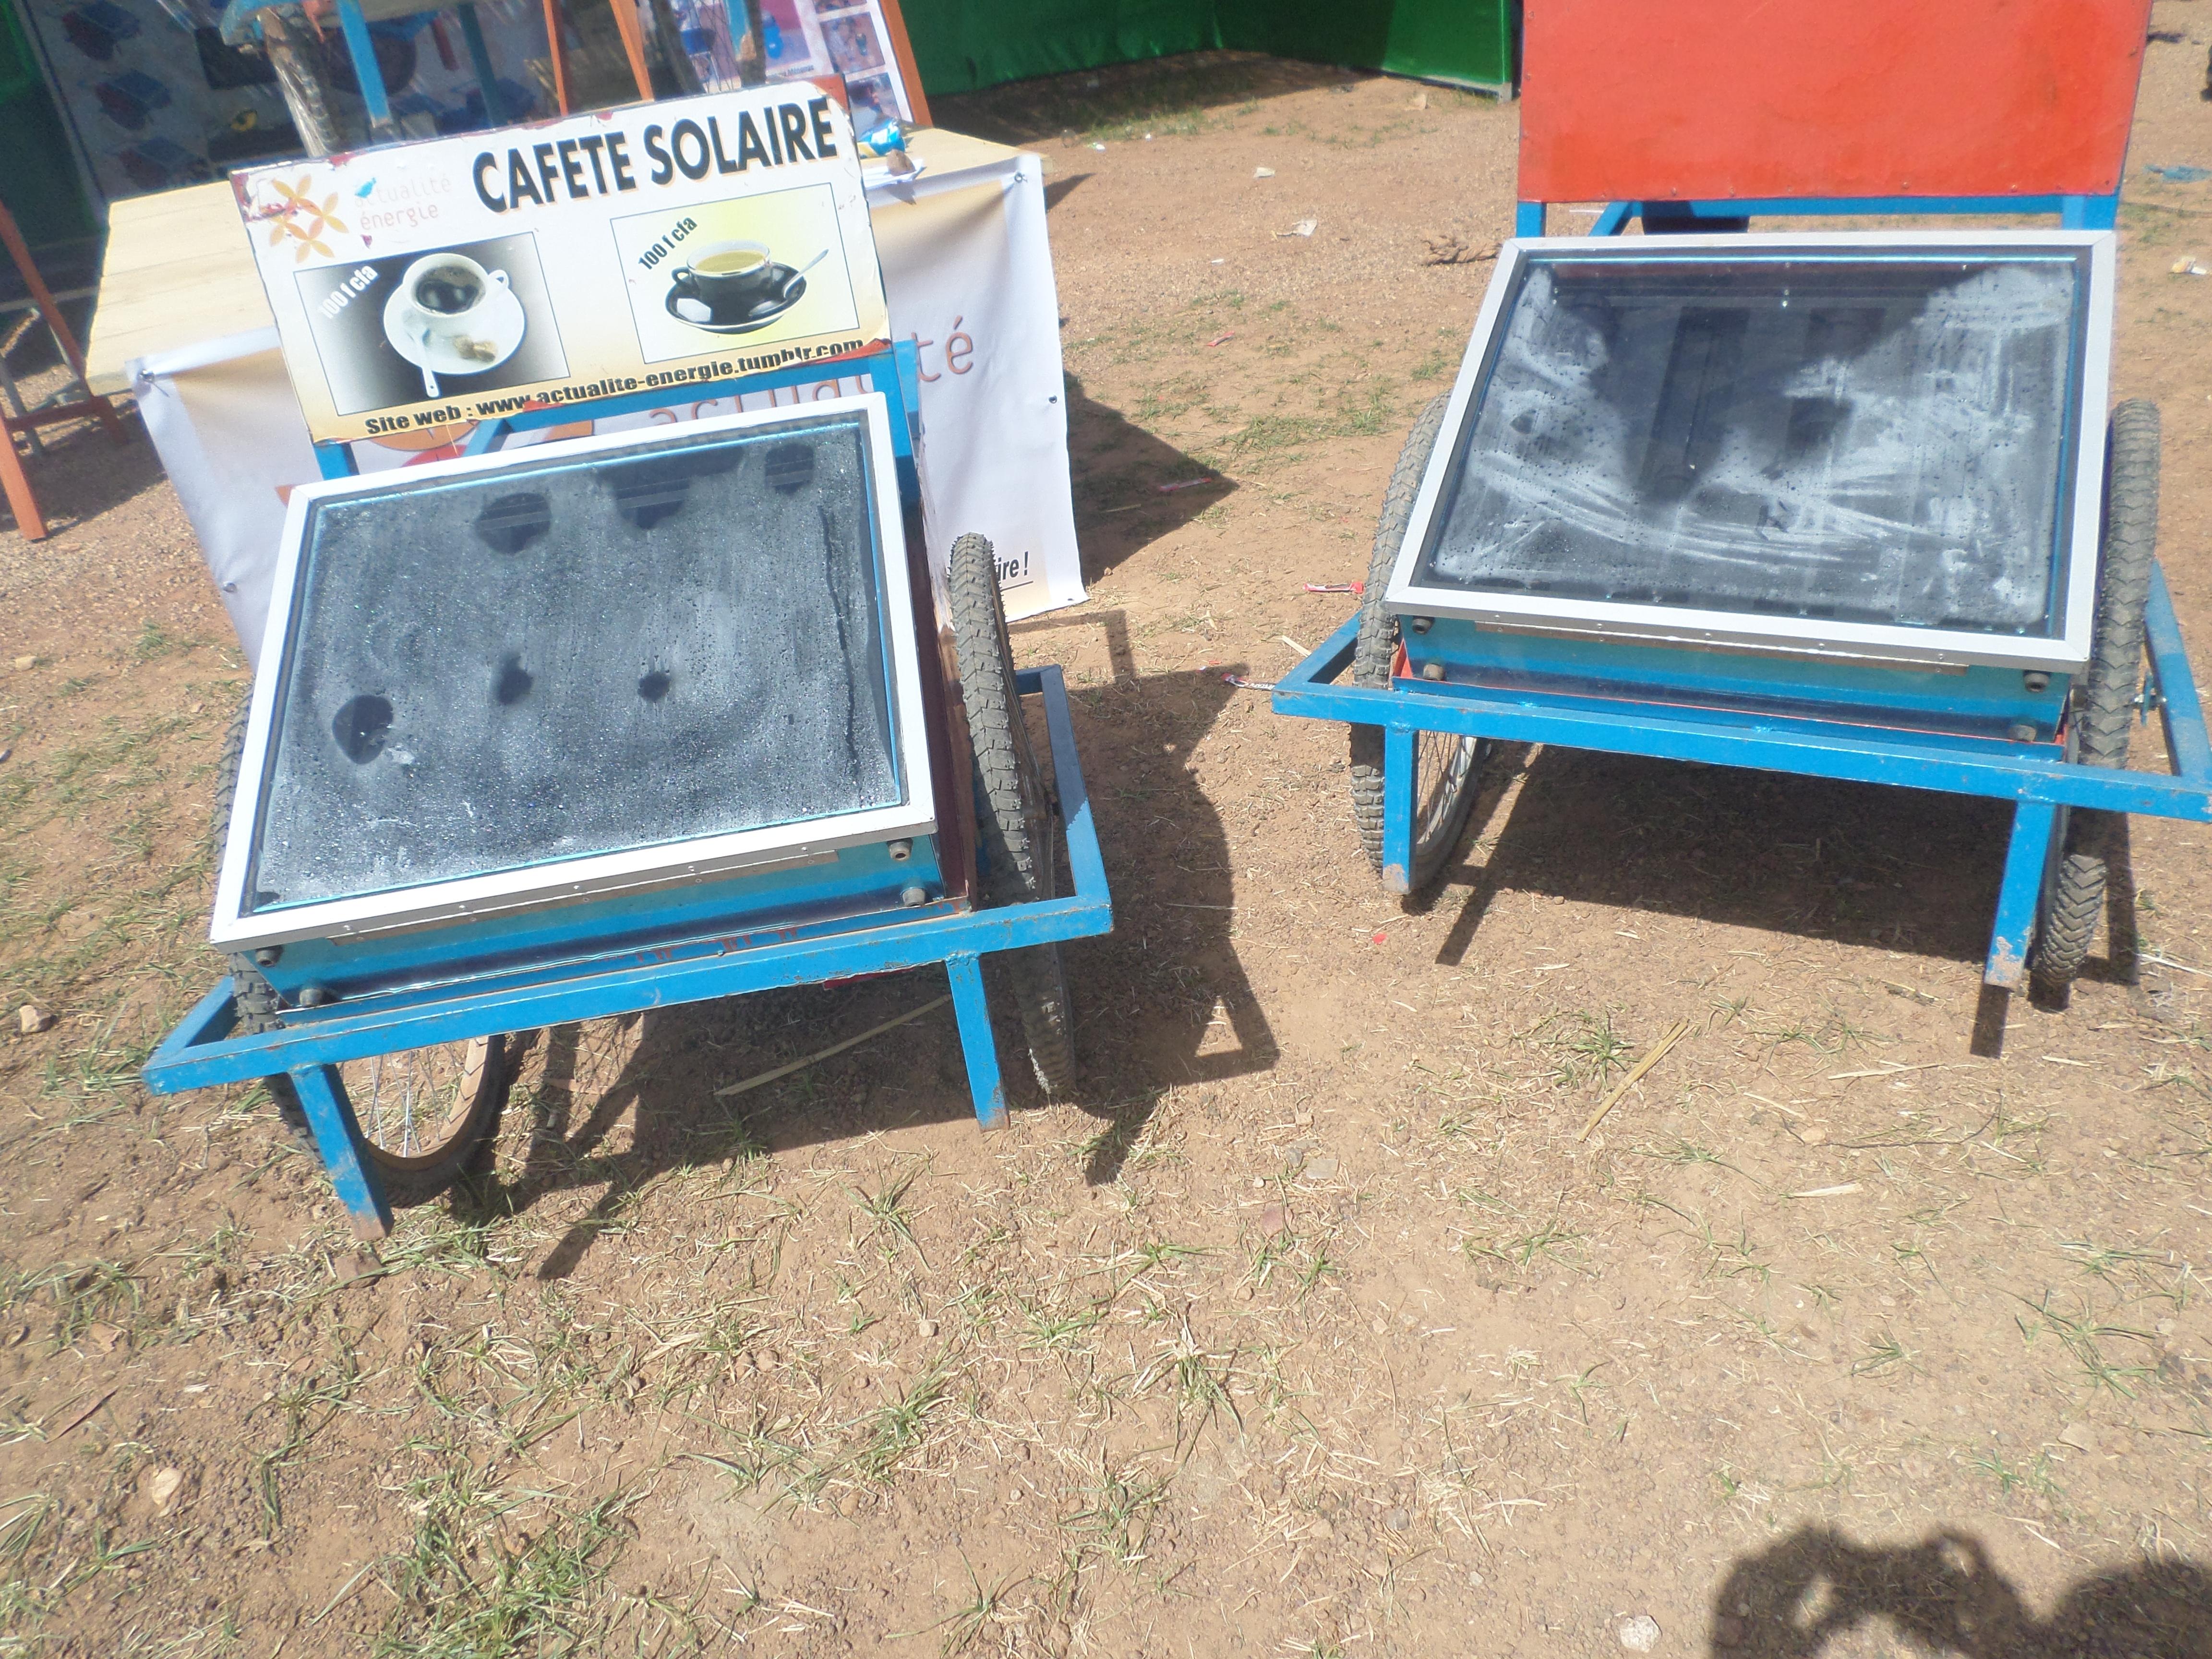 Foyer et cafète  solaire servant à la cuisson et chauffage des aliments et d'eau.